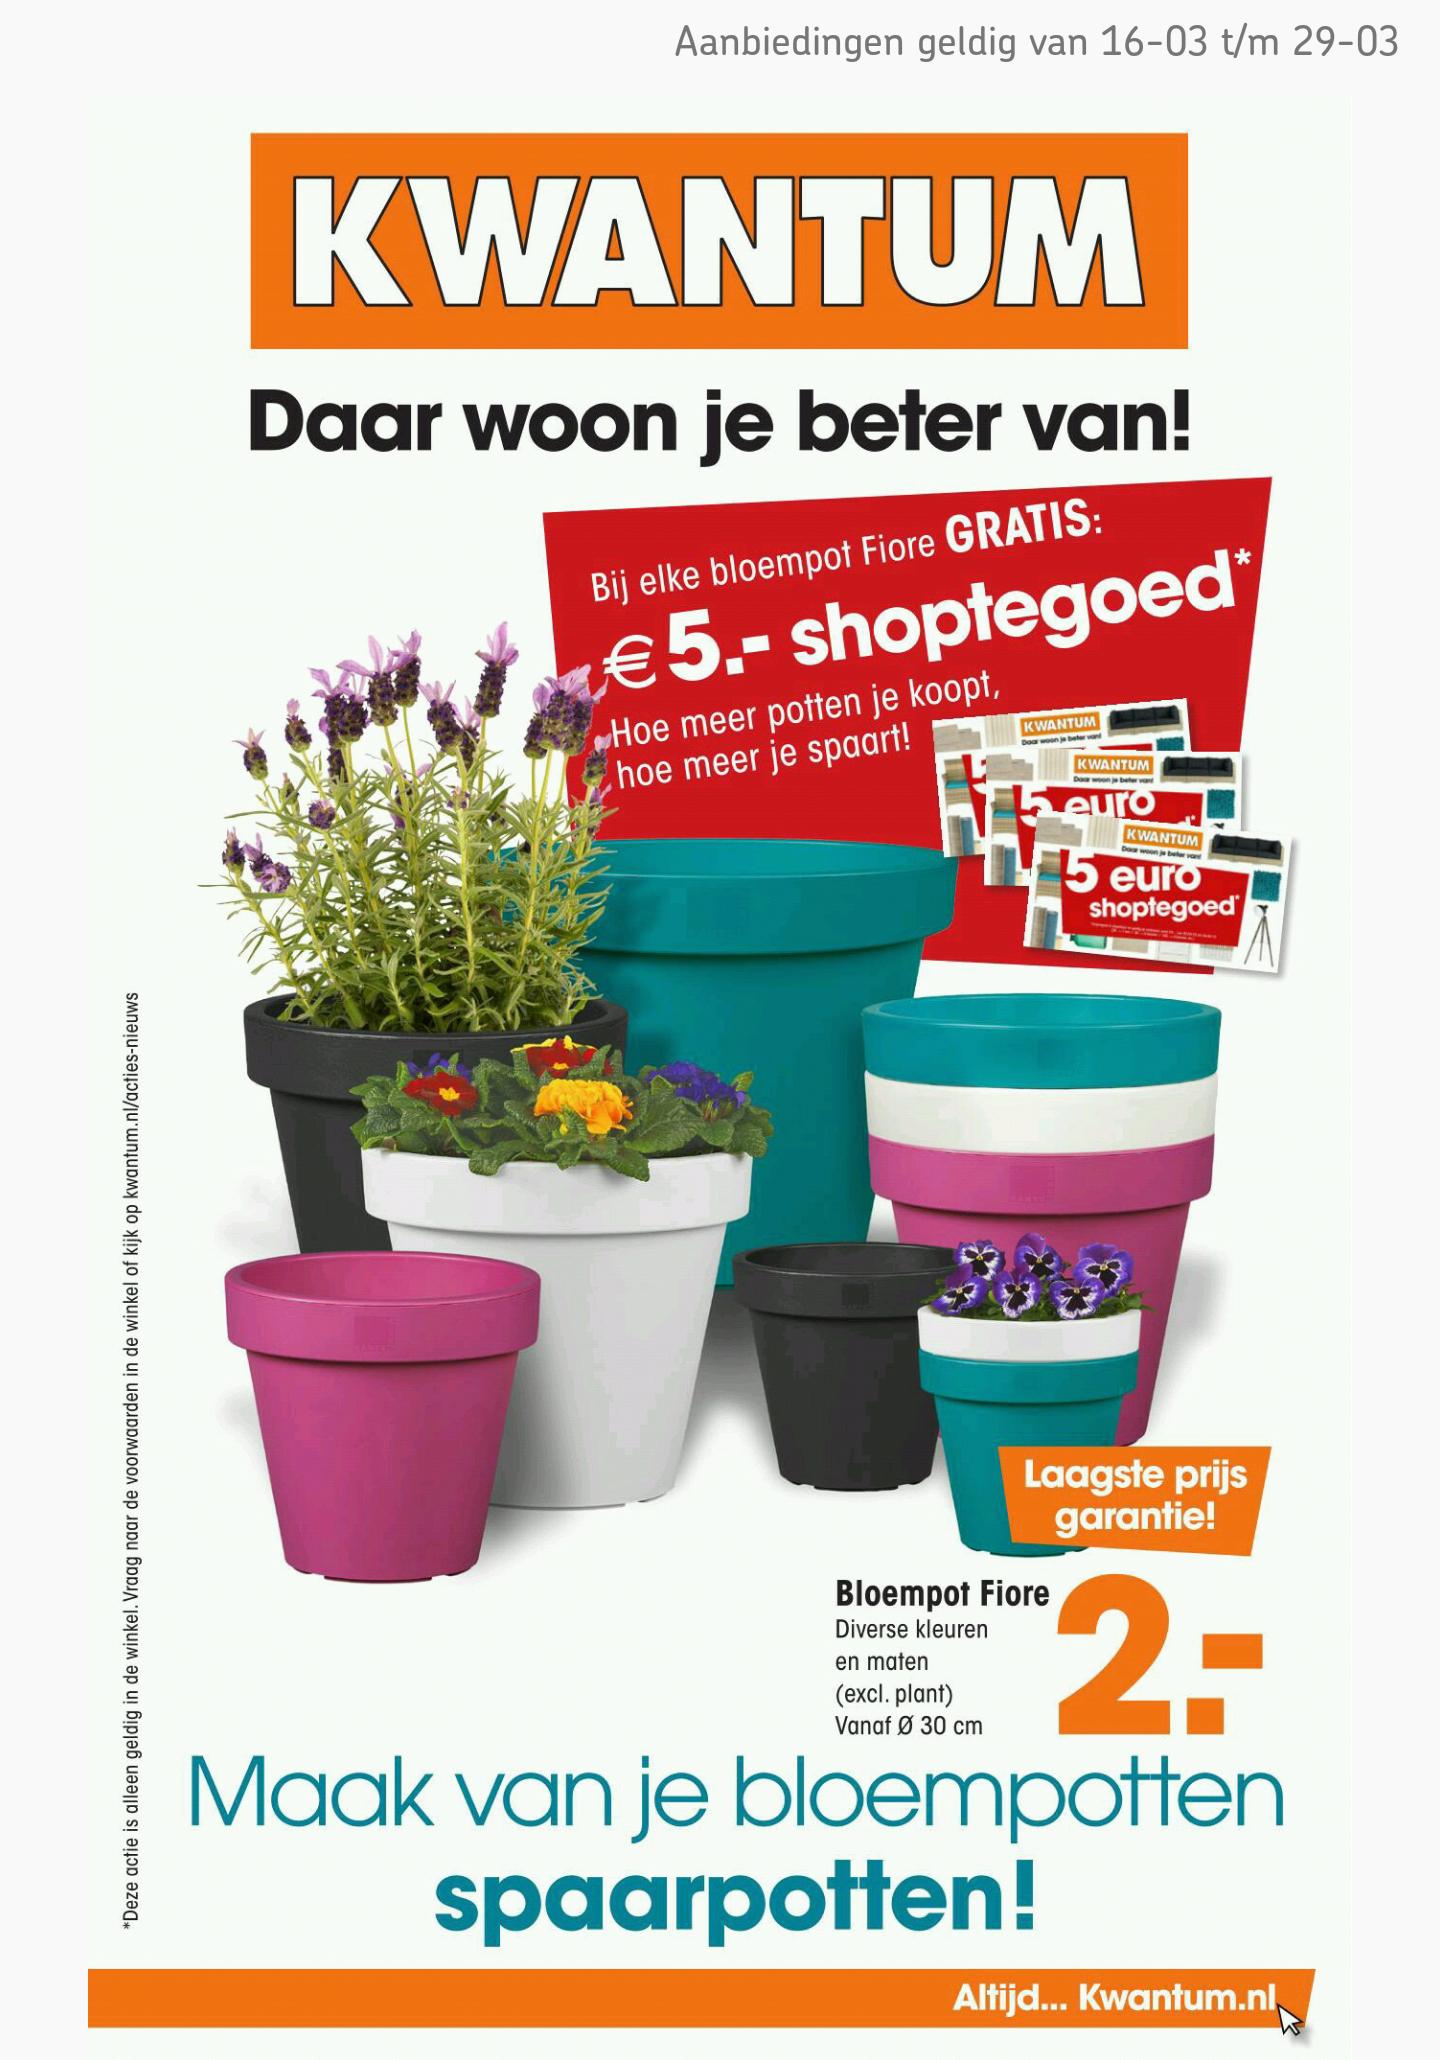 Gratis €5,- shoptegoed bij aanschaf van een Fiore bloempot vanaf €2,- @ Kwantum (vanaf maandag)